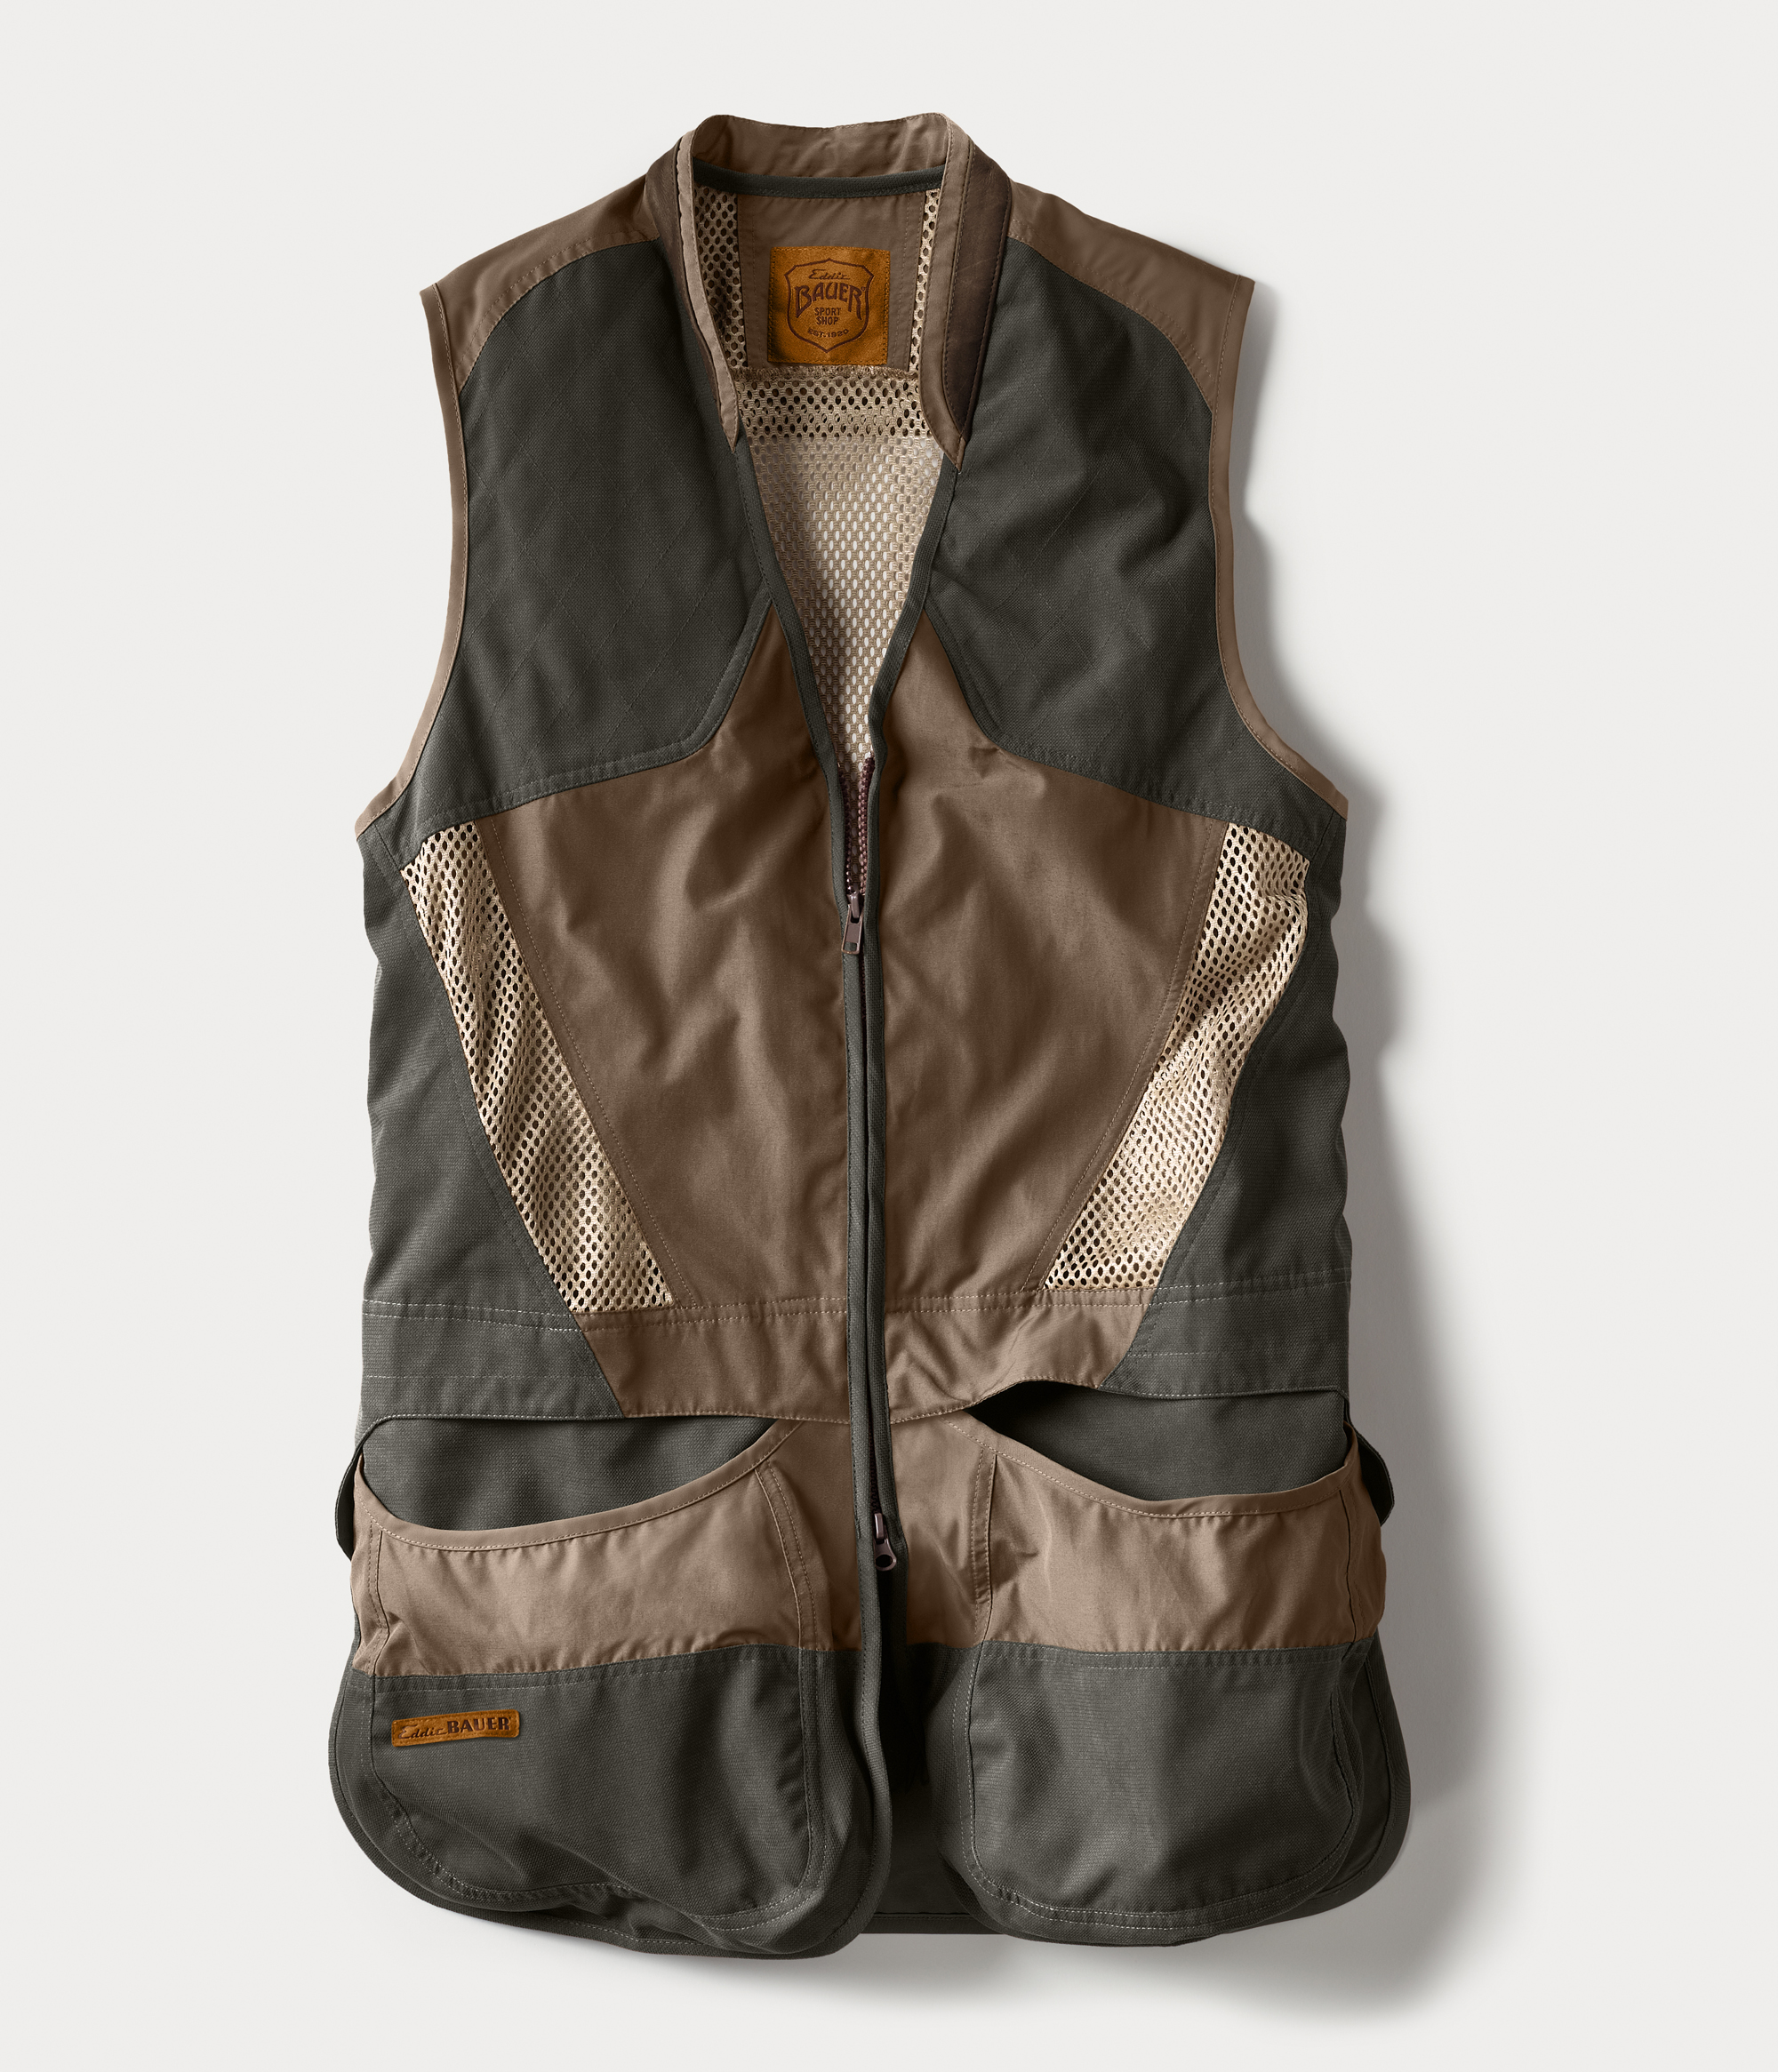 Clay Break Shooting Vest - Acorn